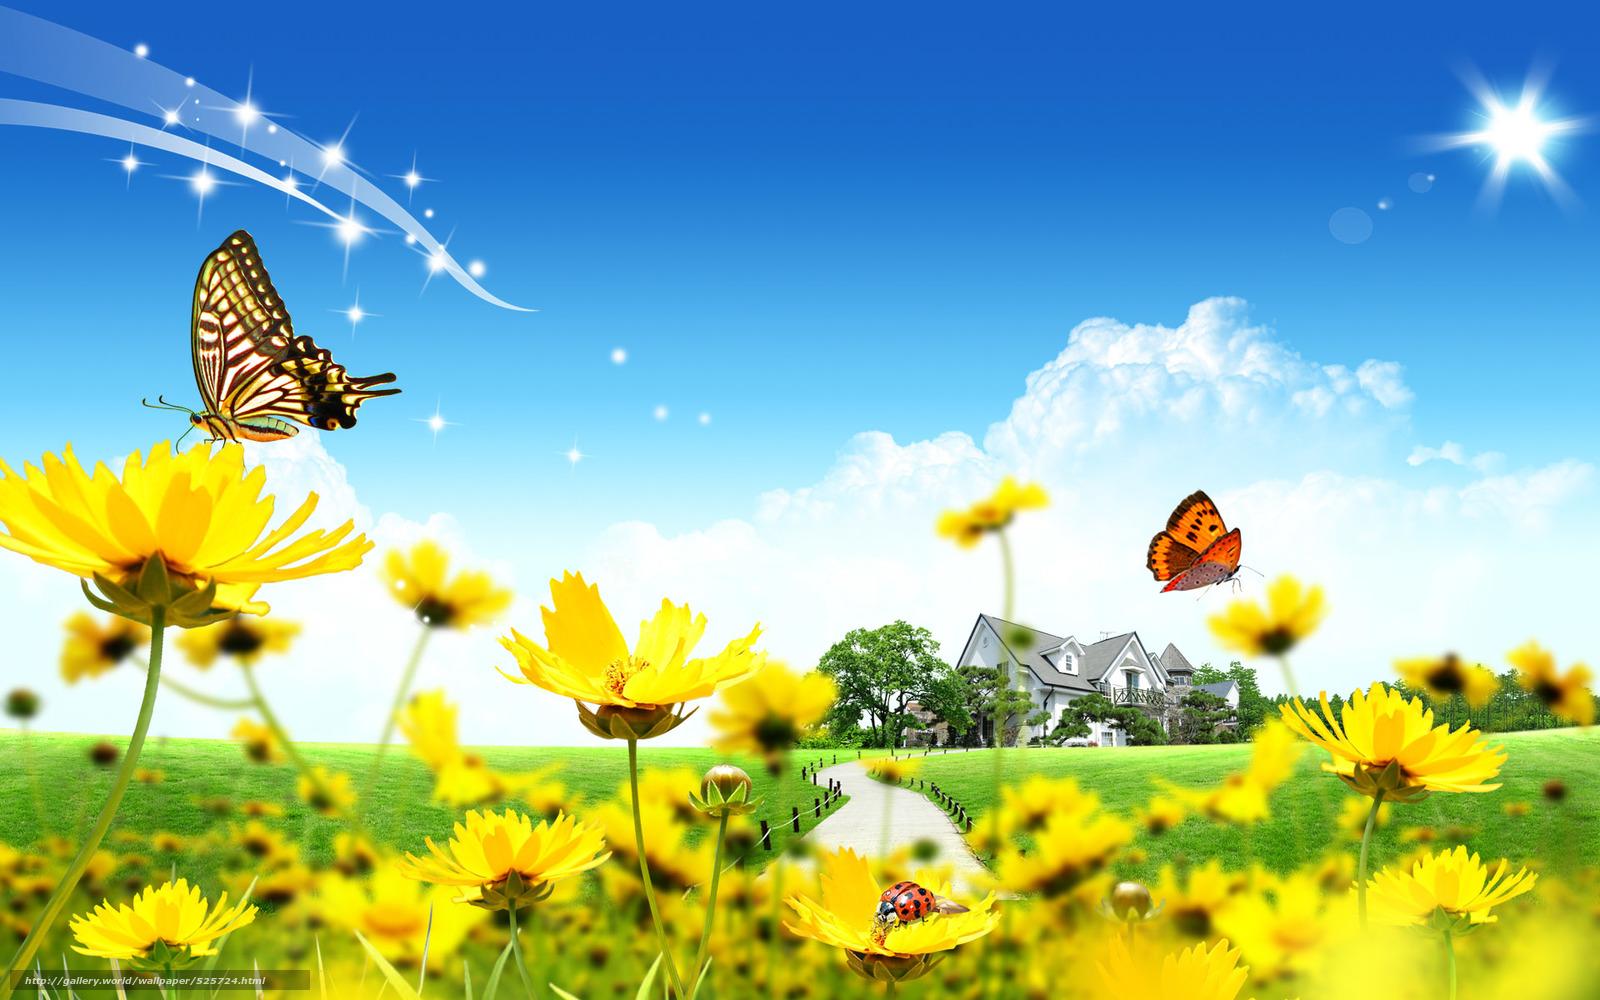 Scaricare gli sfondi farfalle fiori 3d sfondi gratis per for Sfondi farfalle gratis